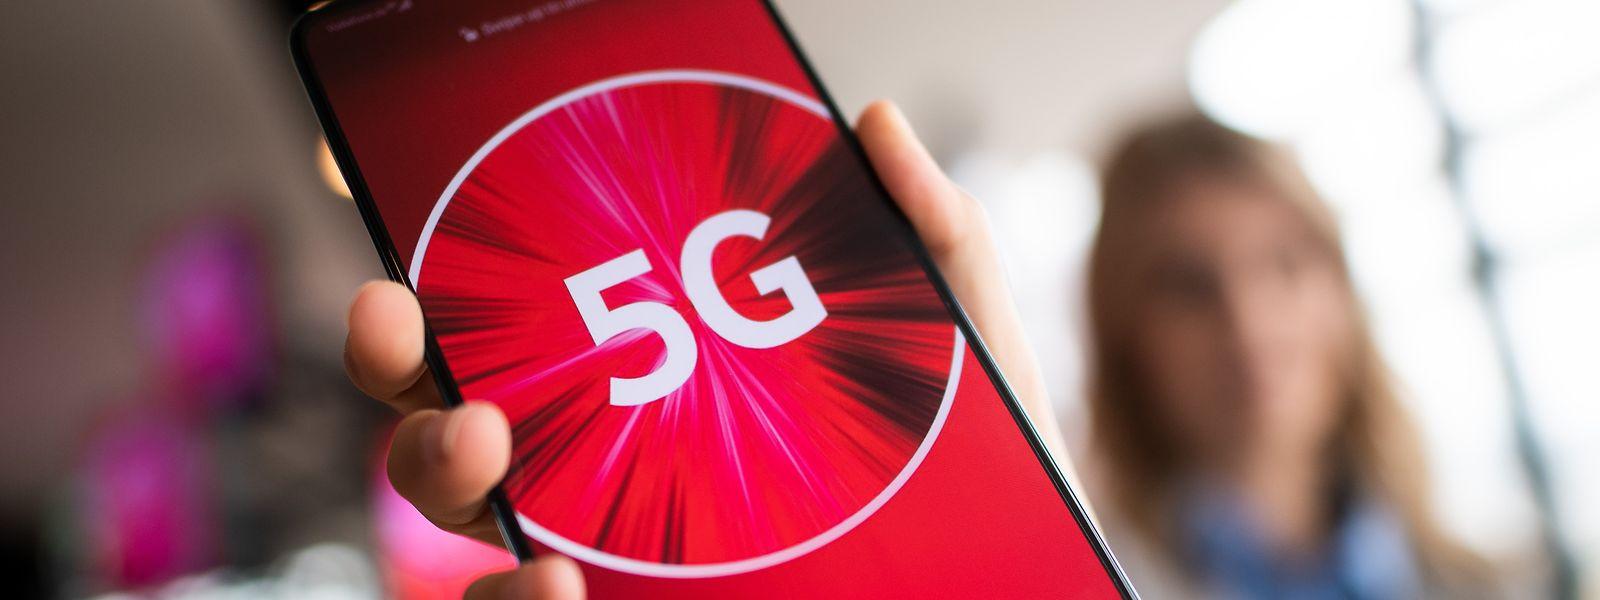 Die ersten 5G-Smartphones: In Deutschland wurden bereits kommerzielle 5G-Netze gestartet.